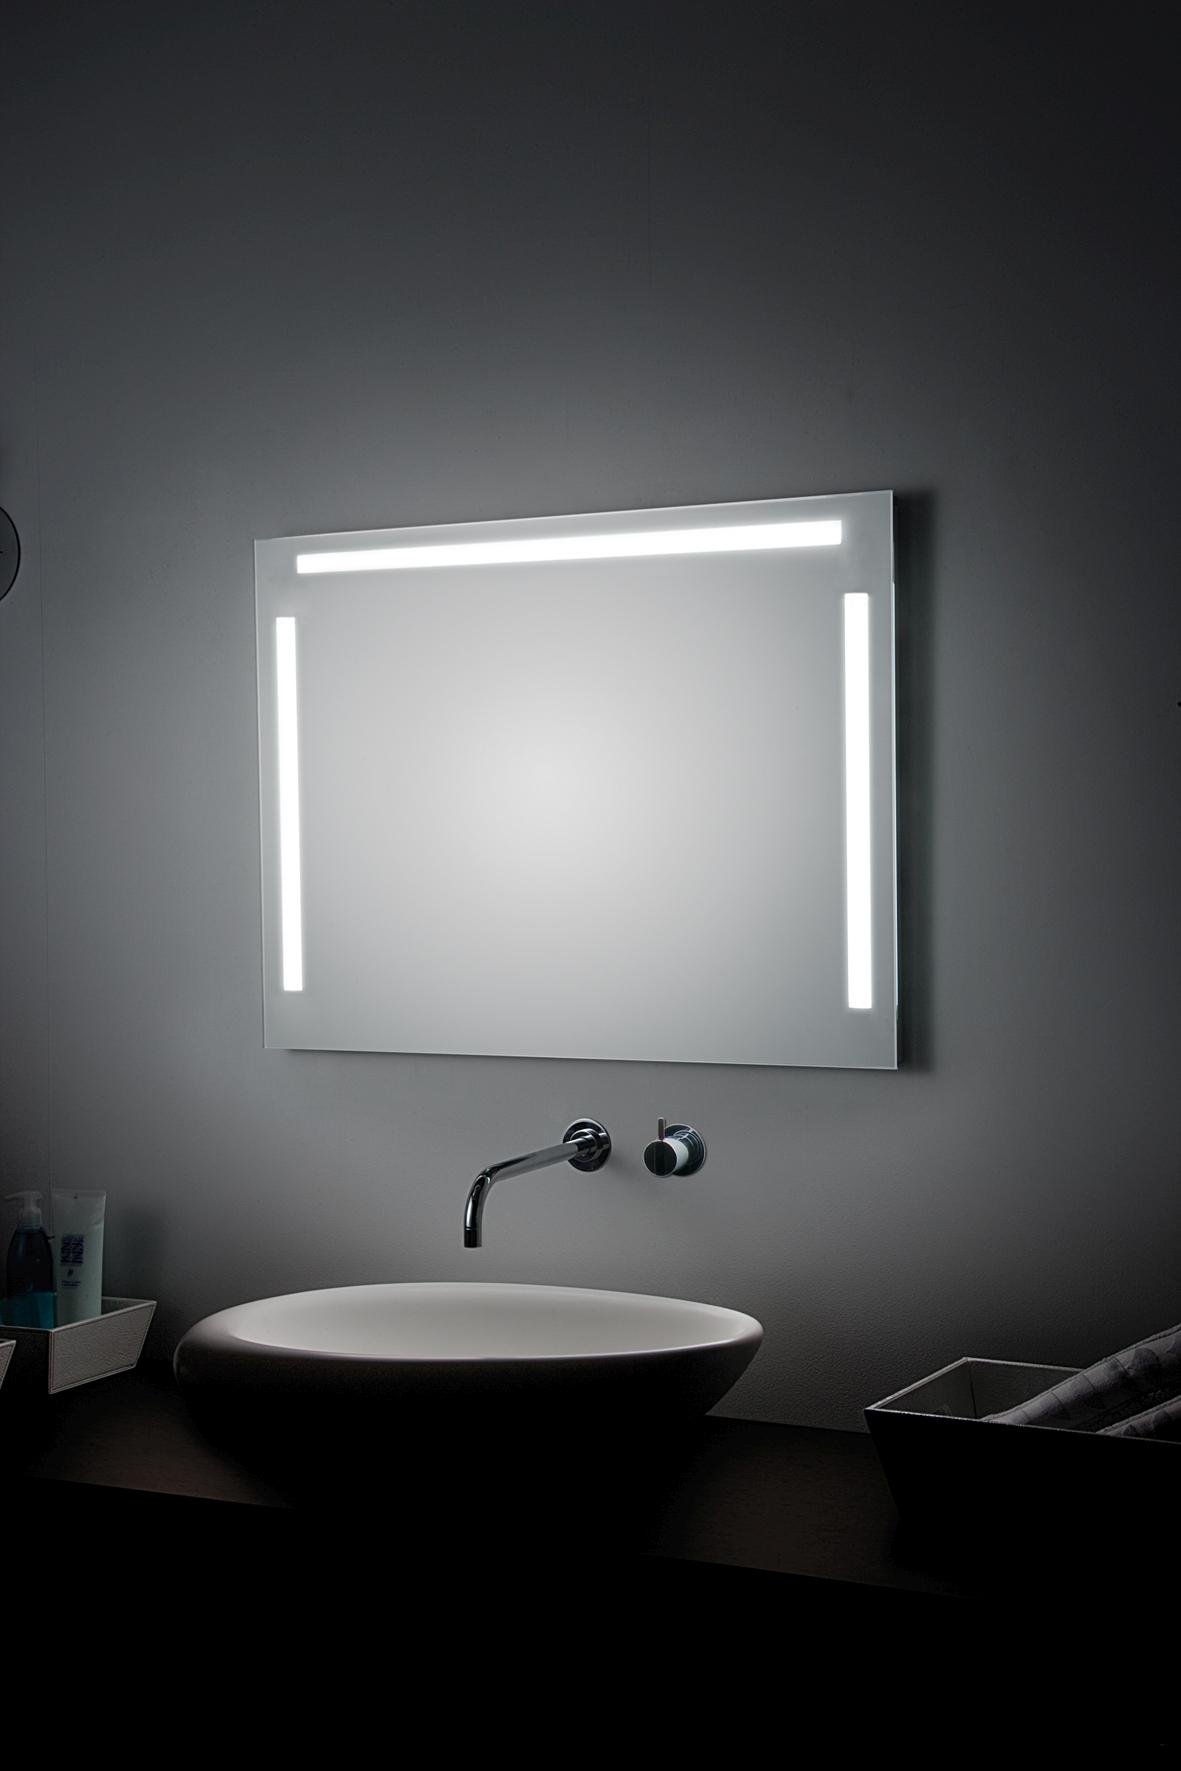 koh i noor tre luci t5 spiegel mit ober und seitenbeleuchtung 1200 x 800 mm 45922. Black Bedroom Furniture Sets. Home Design Ideas